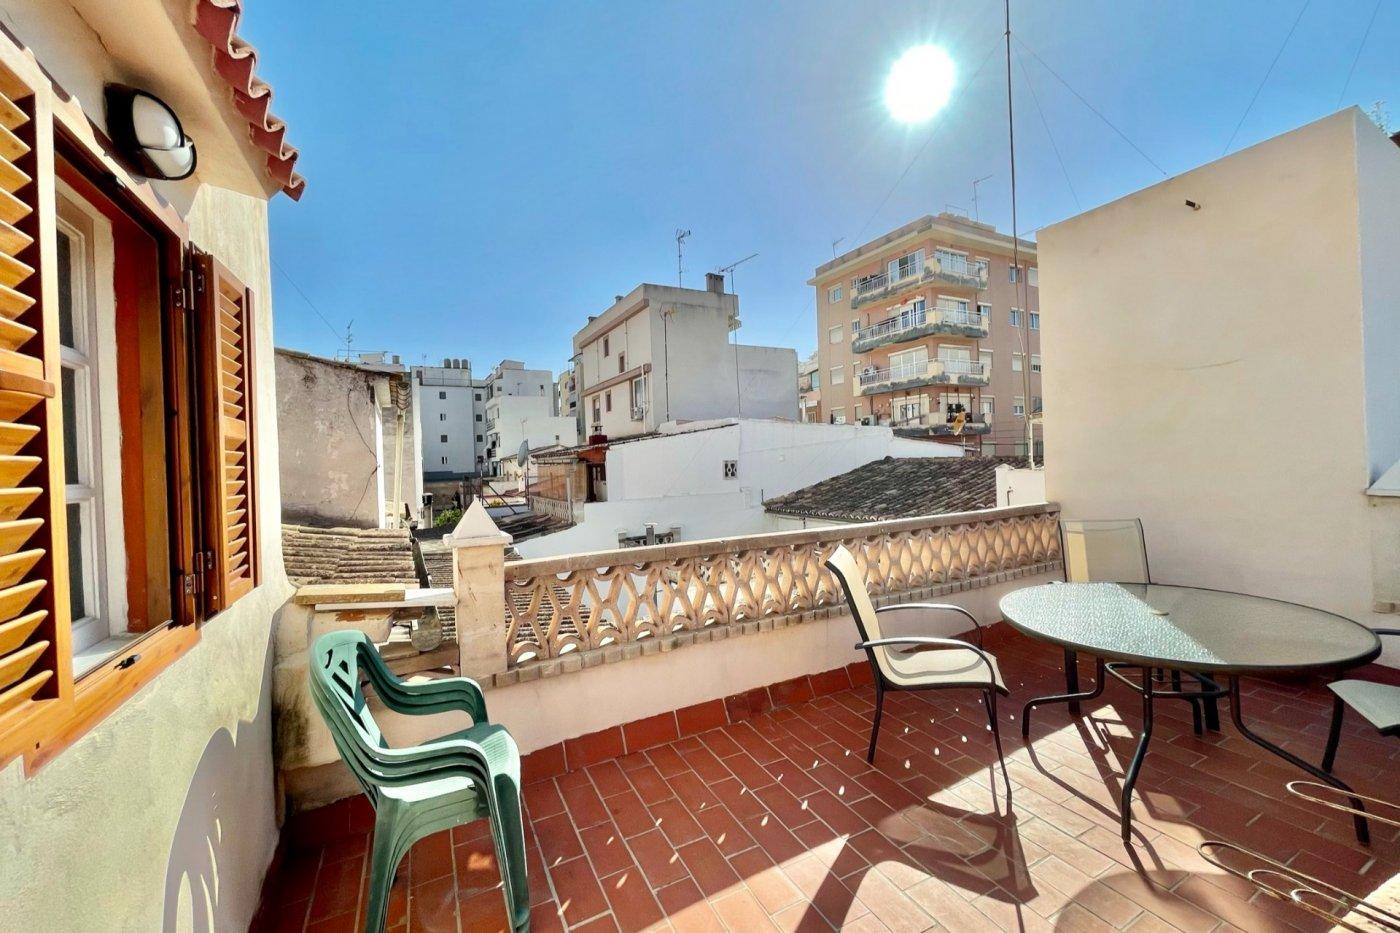 Piso amueblado de 57 m² de superficie con balcón, terraza y barbacoa en la zona de son cot - imagenInmueble12